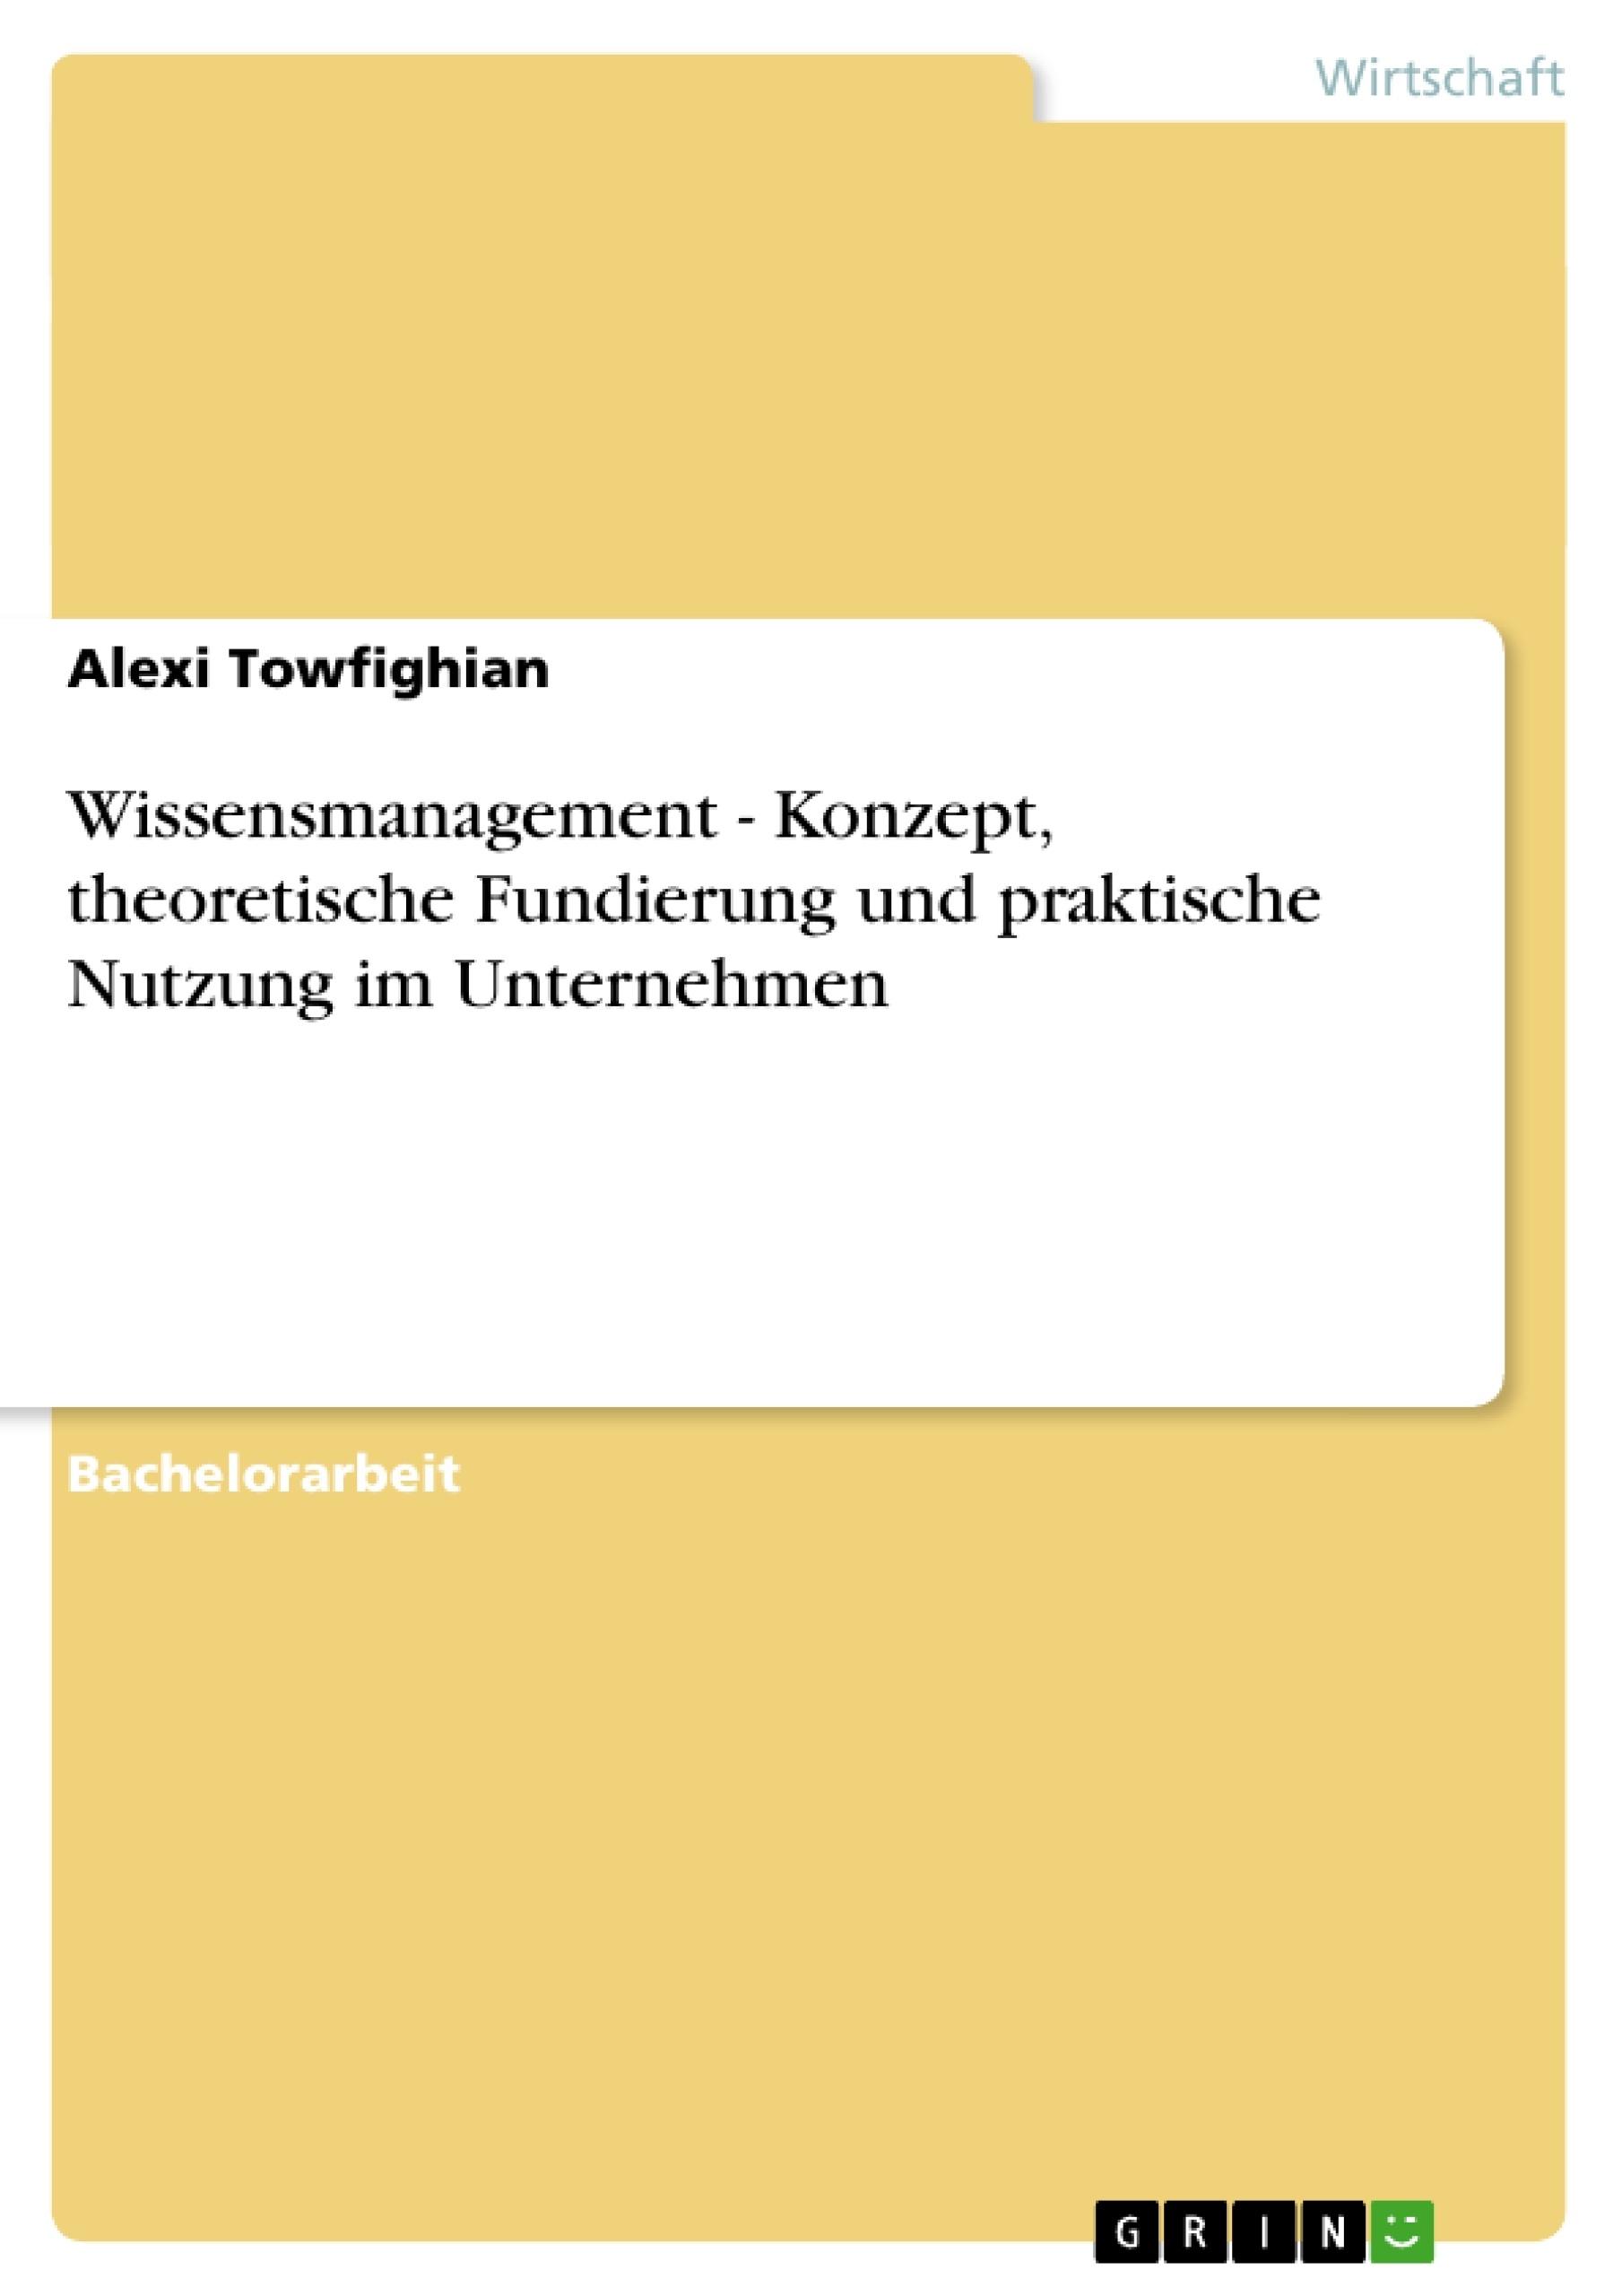 Titel: Wissensmanagement - Konzept, theoretische Fundierung und praktische Nutzung im Unternehmen